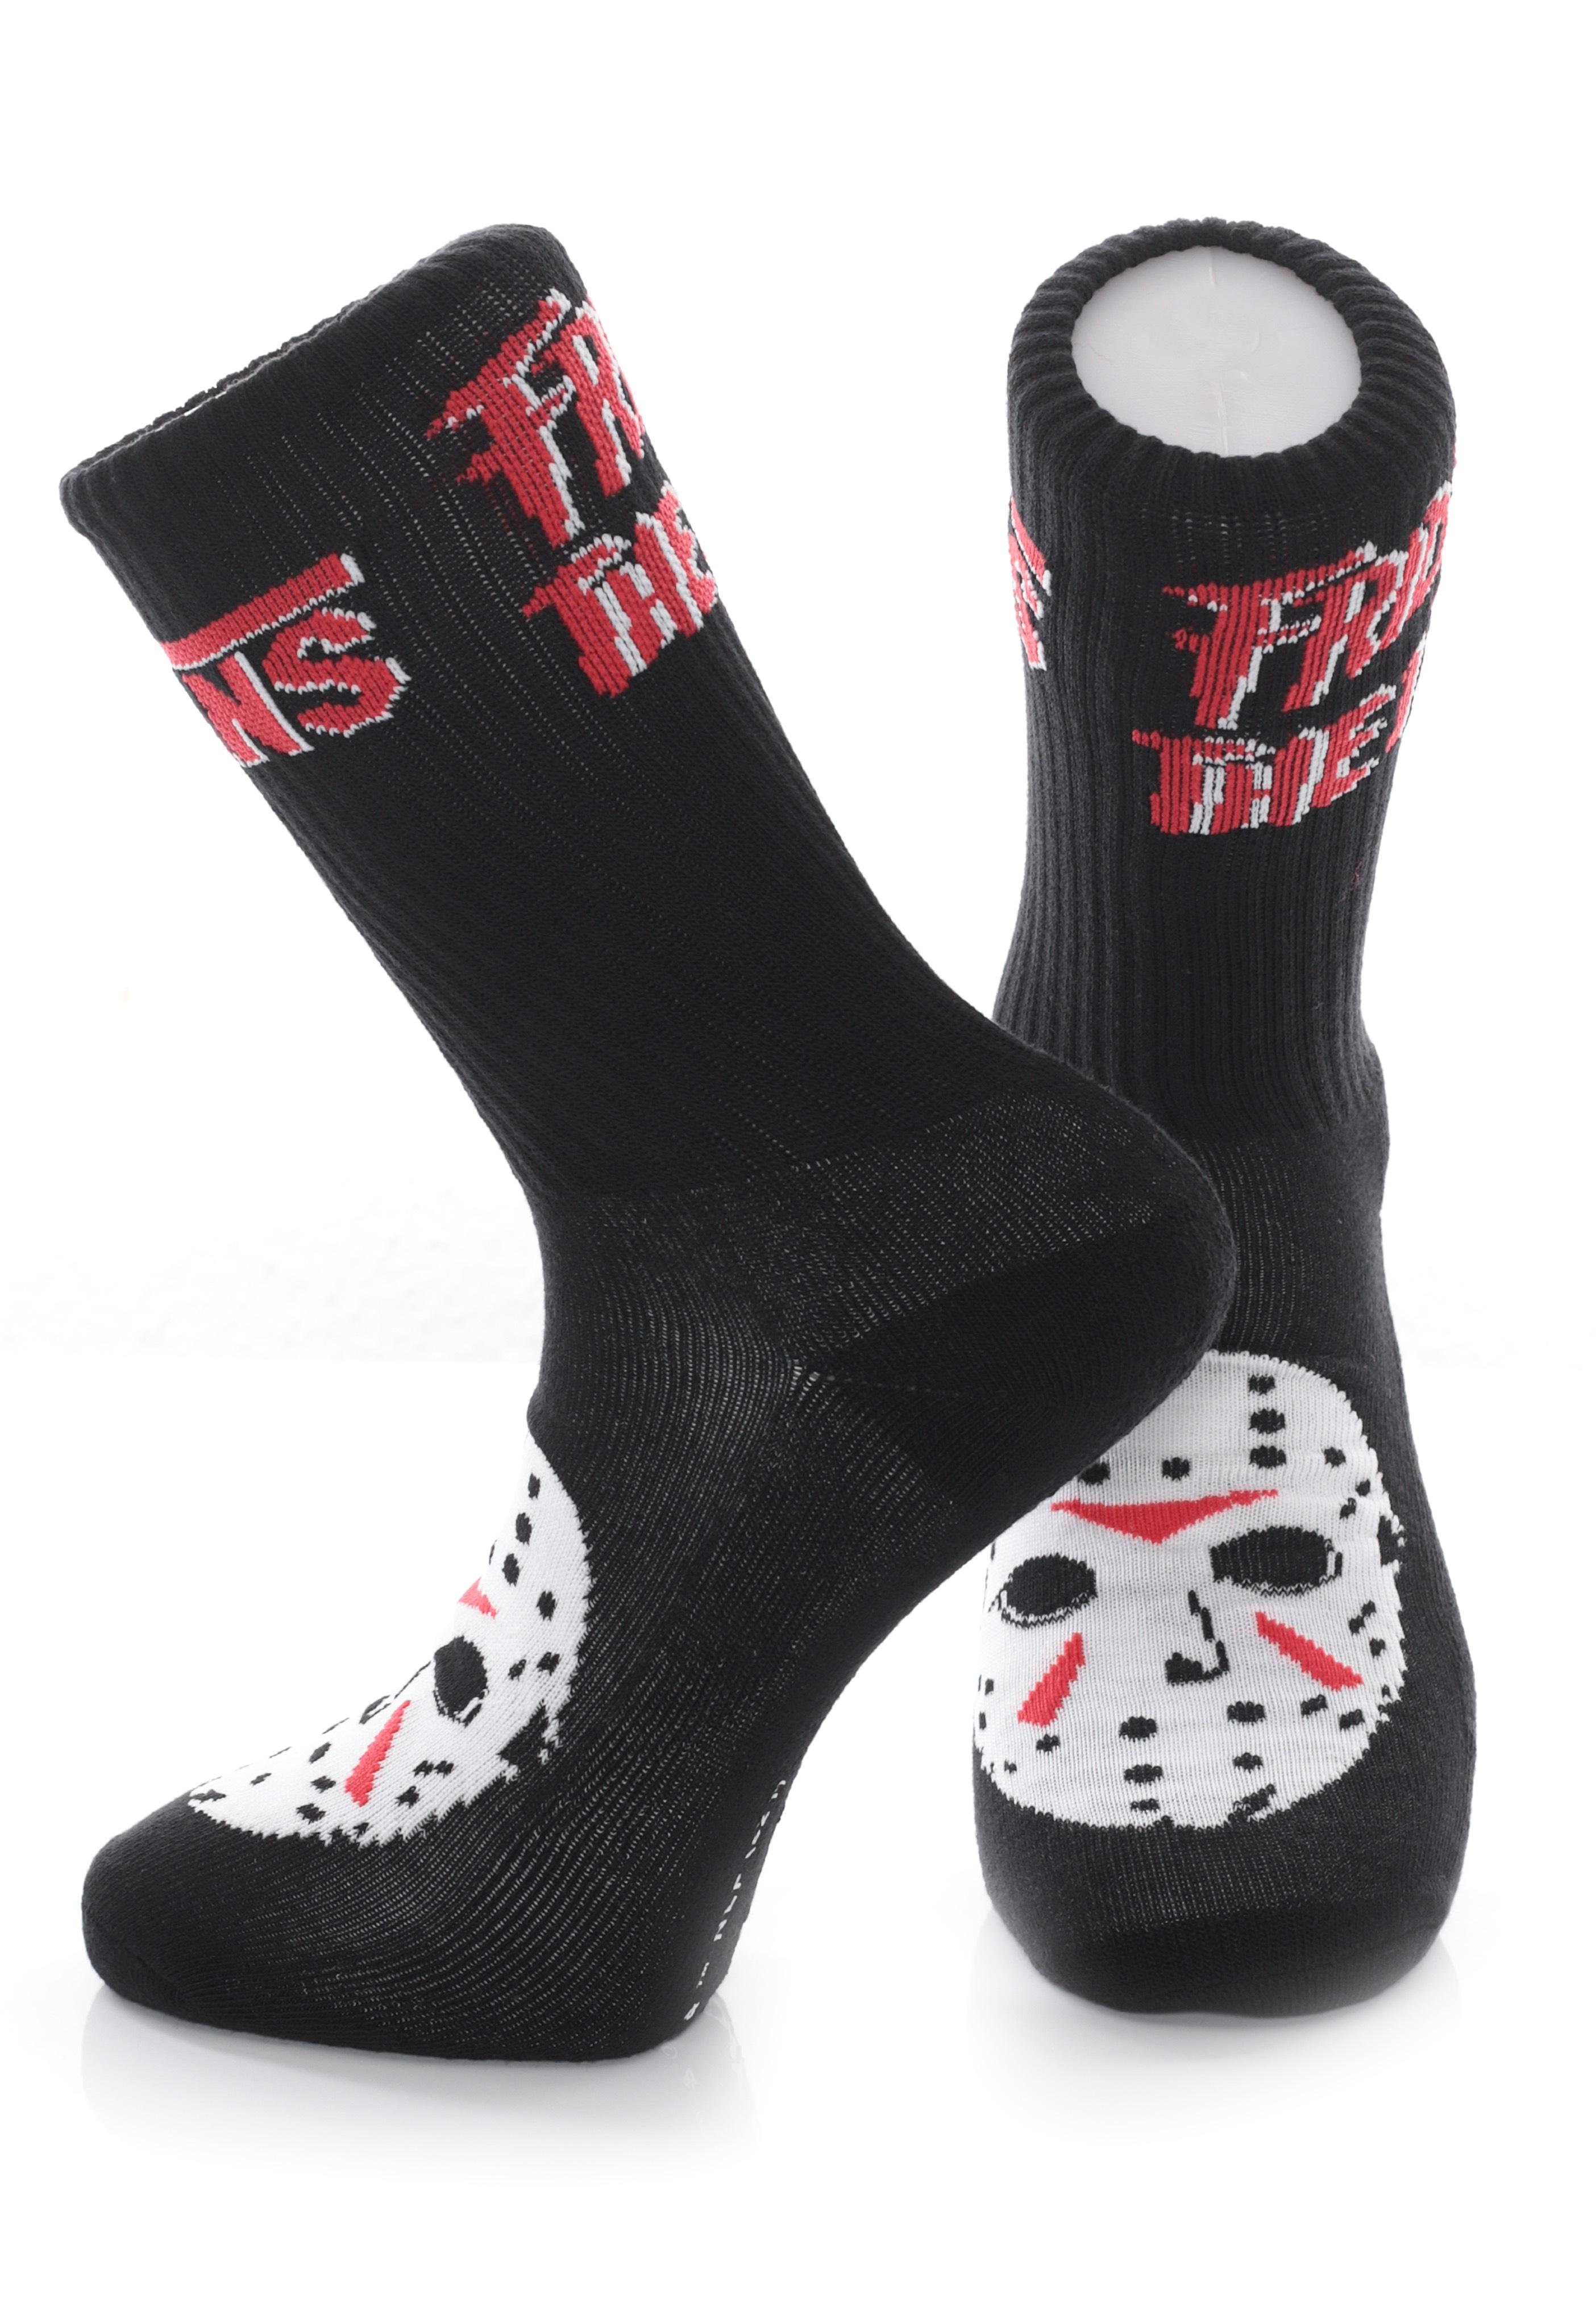 Vans x Horror Friday The 13Th Socks